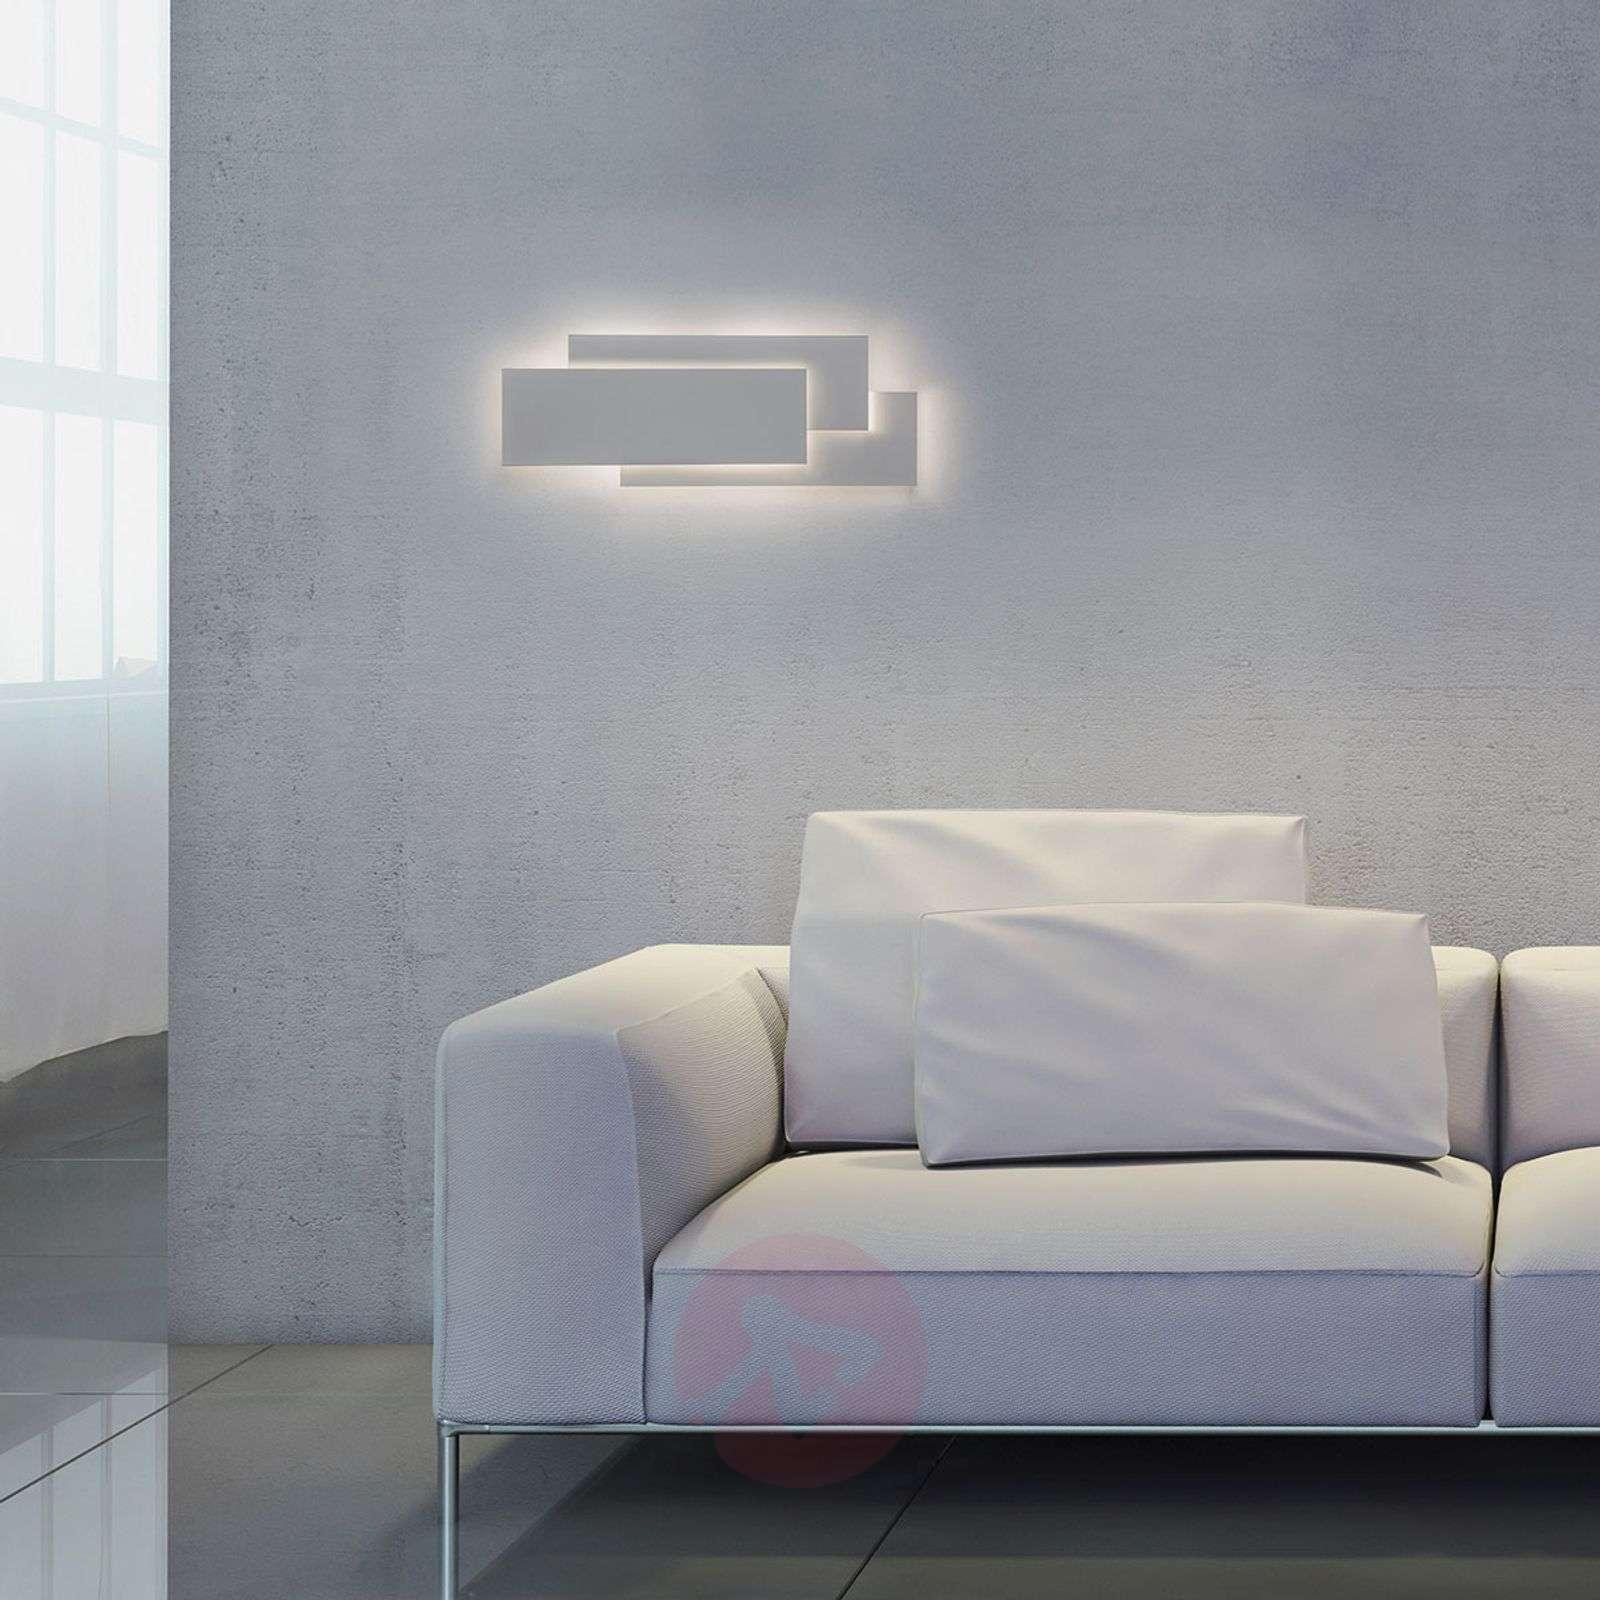 Huippumoderni LED-seinävalaisin Edge valkoisena-1020587-01